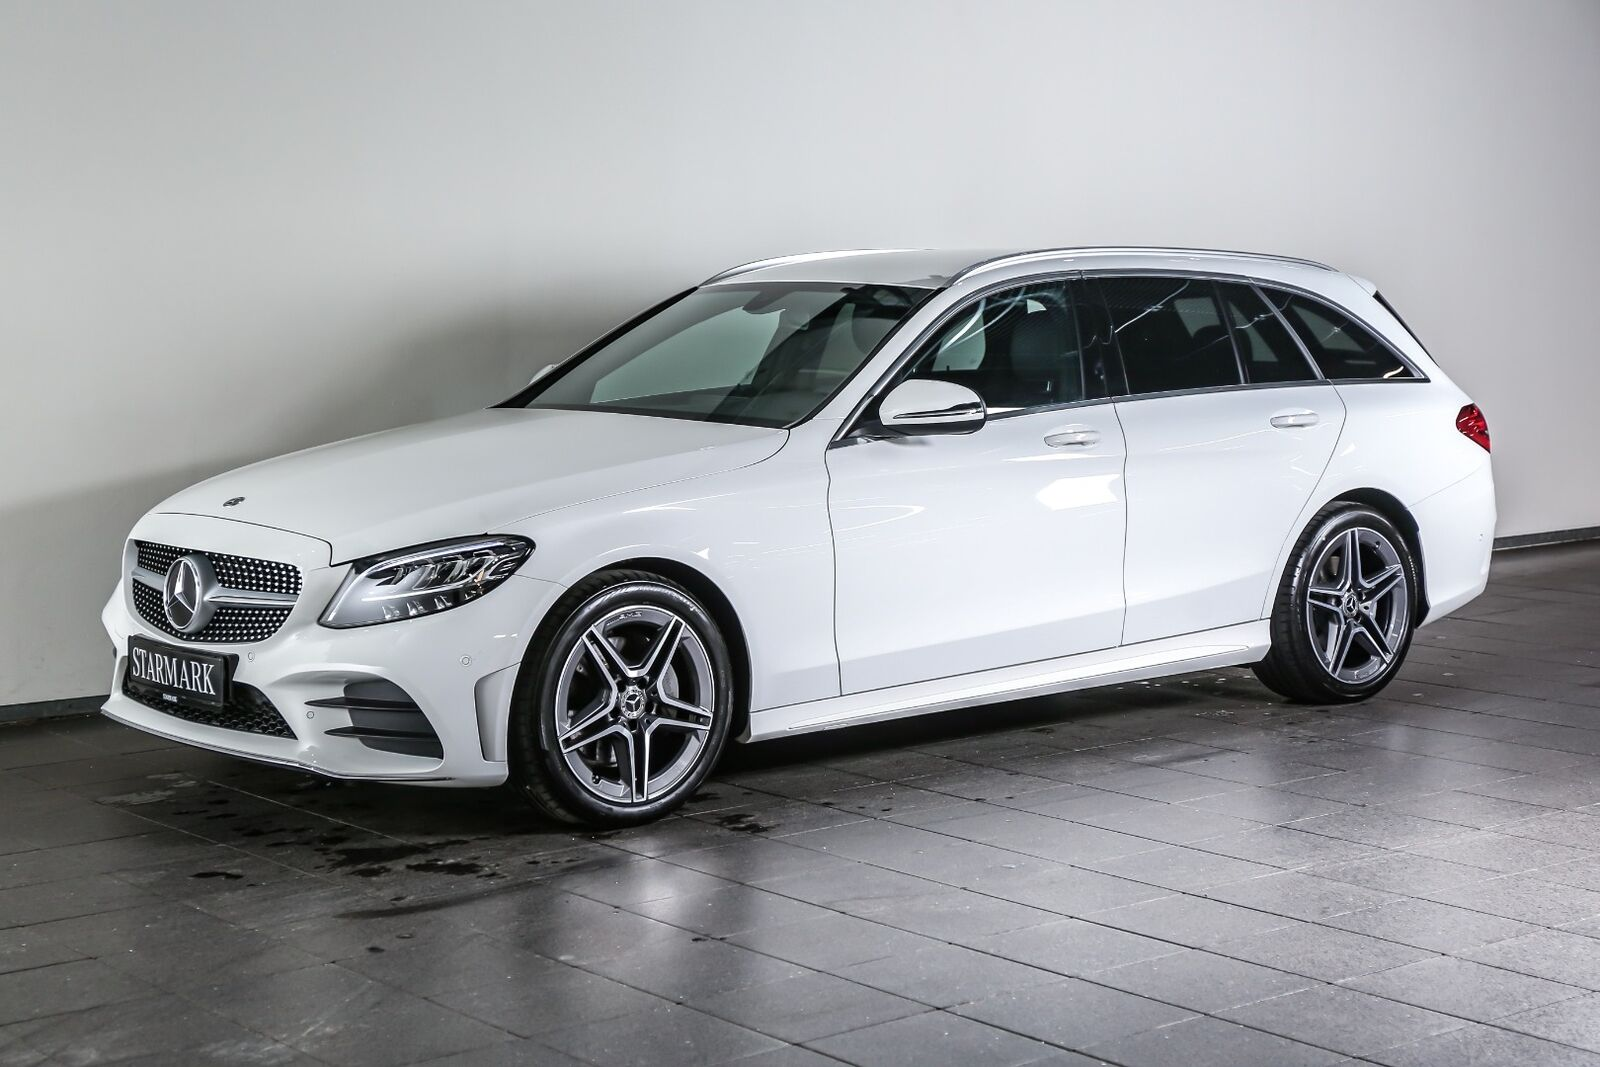 Mercedes C220 d 2,0 AMG Line stc. aut. 5d - 469.900 kr.